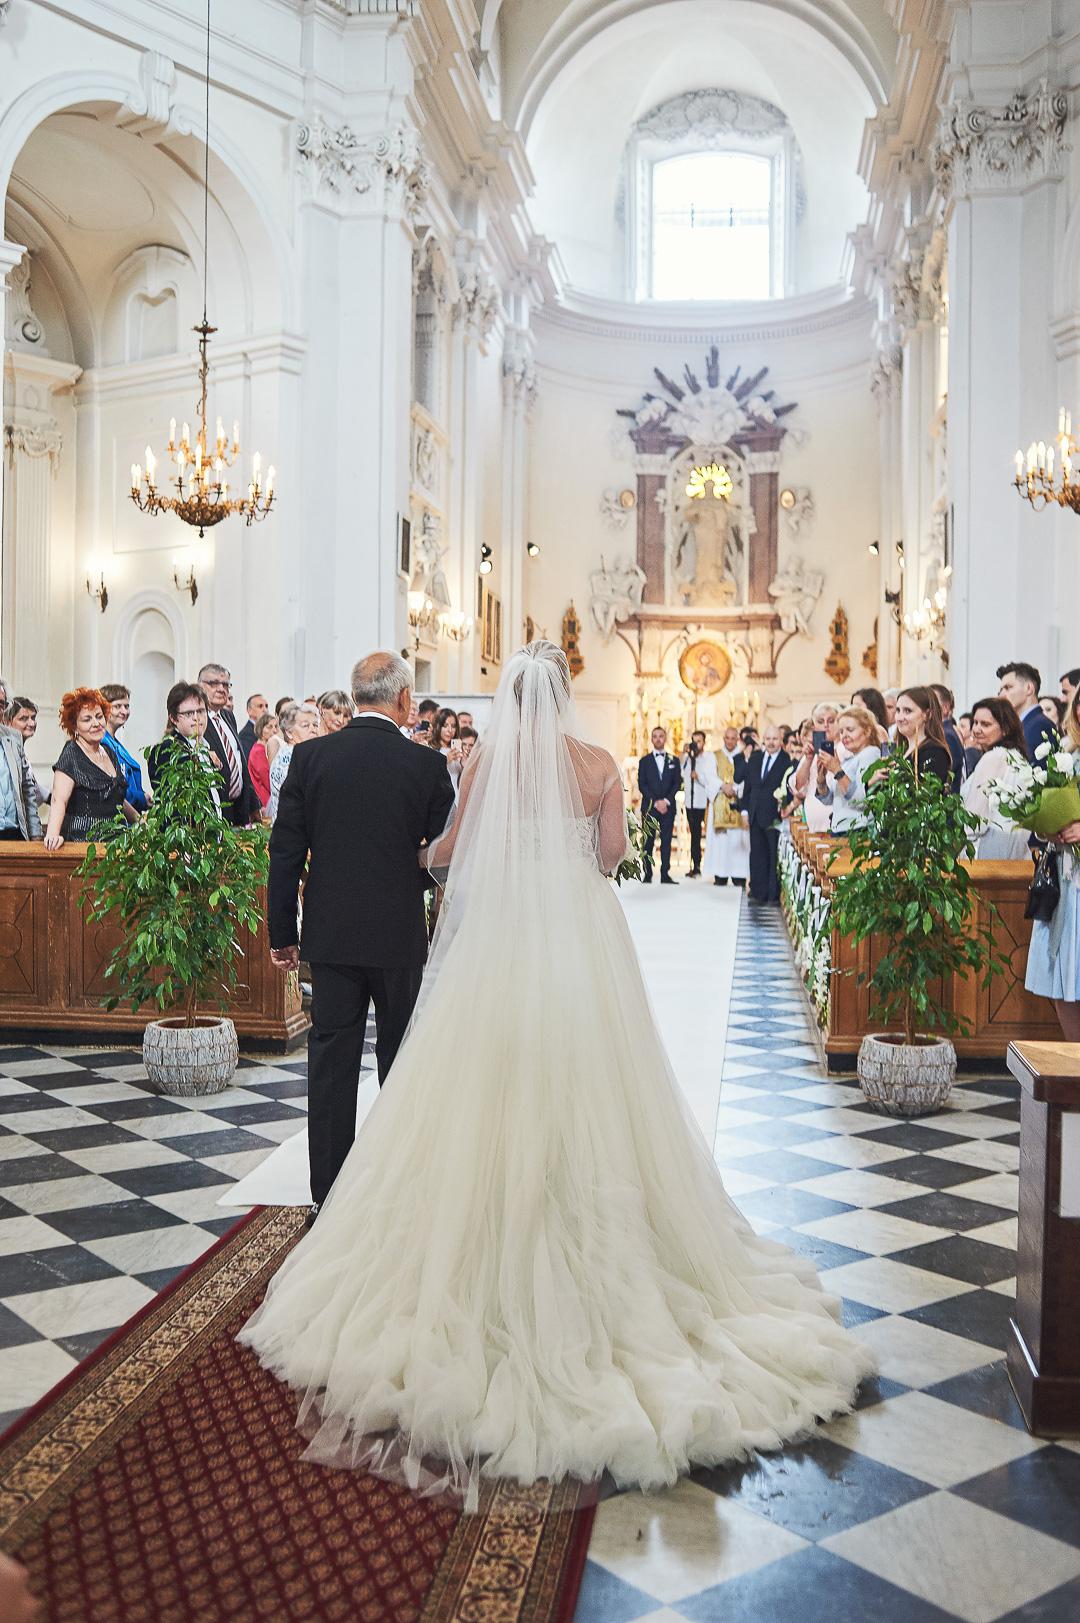 A+M - fotoreportaż ślubny / Lasek Bielański / Villa Omnia 32